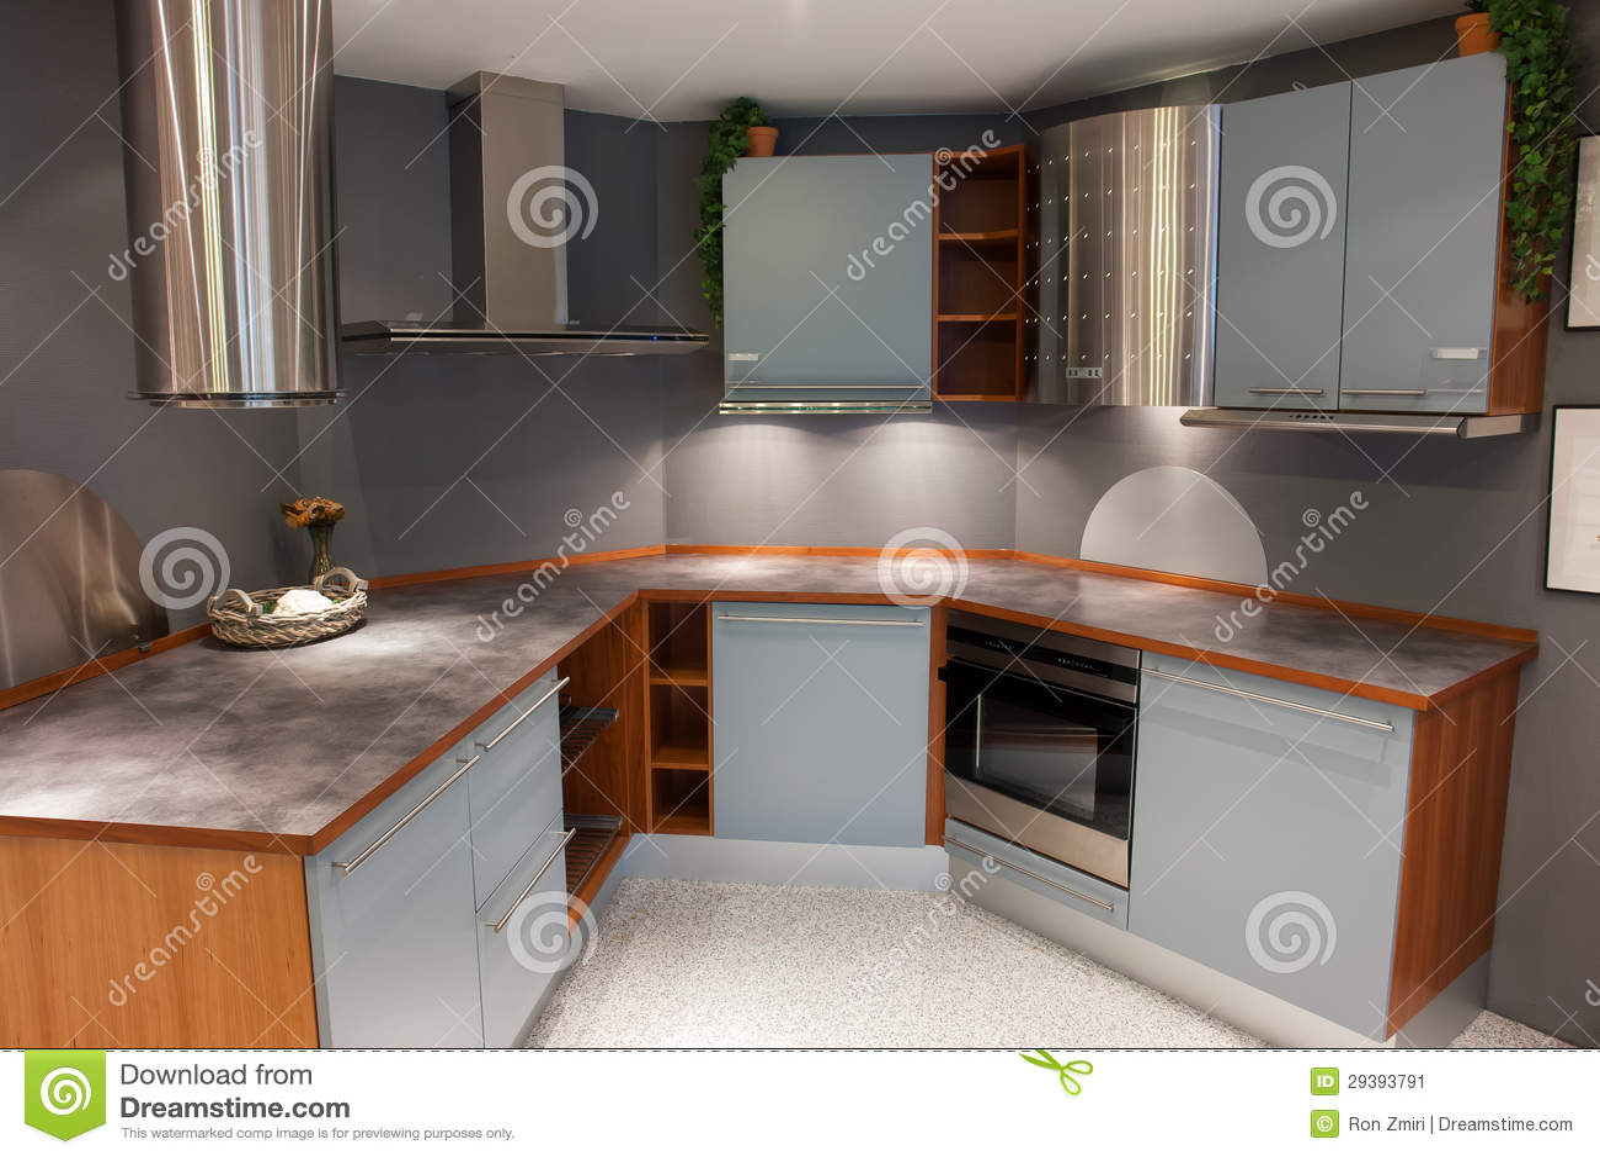 Imagem de Stock: Luz na moda moderna do projeto cozinha de madeira  #81A229 1300 957